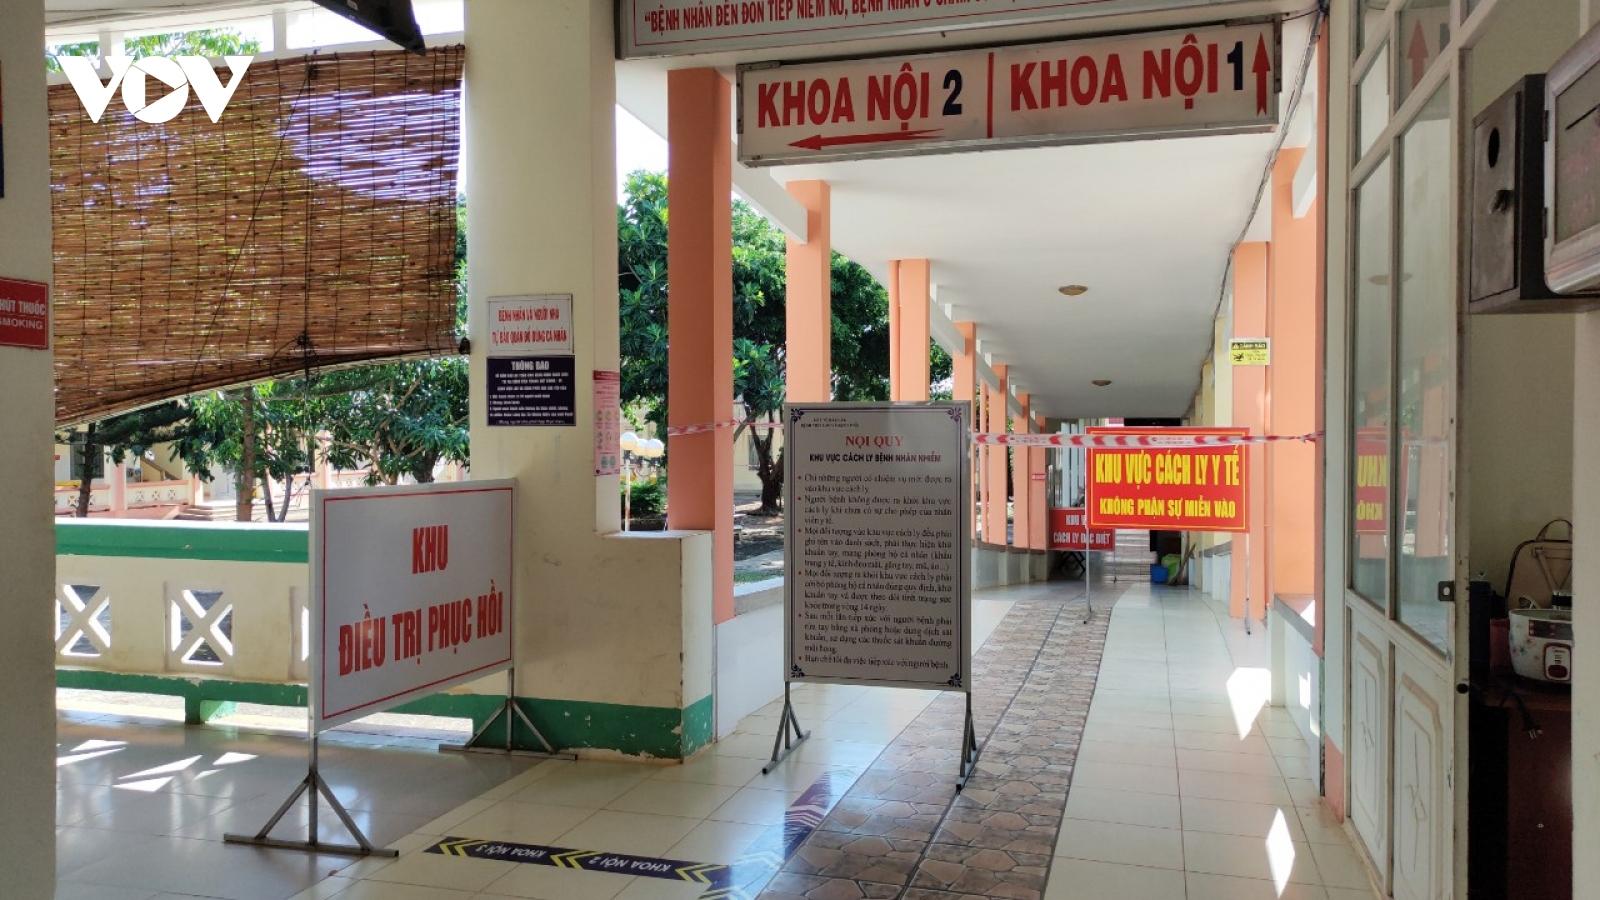 Bệnh nhân 106 tuổi tử vong ở Đắk Lắk do Covid-19